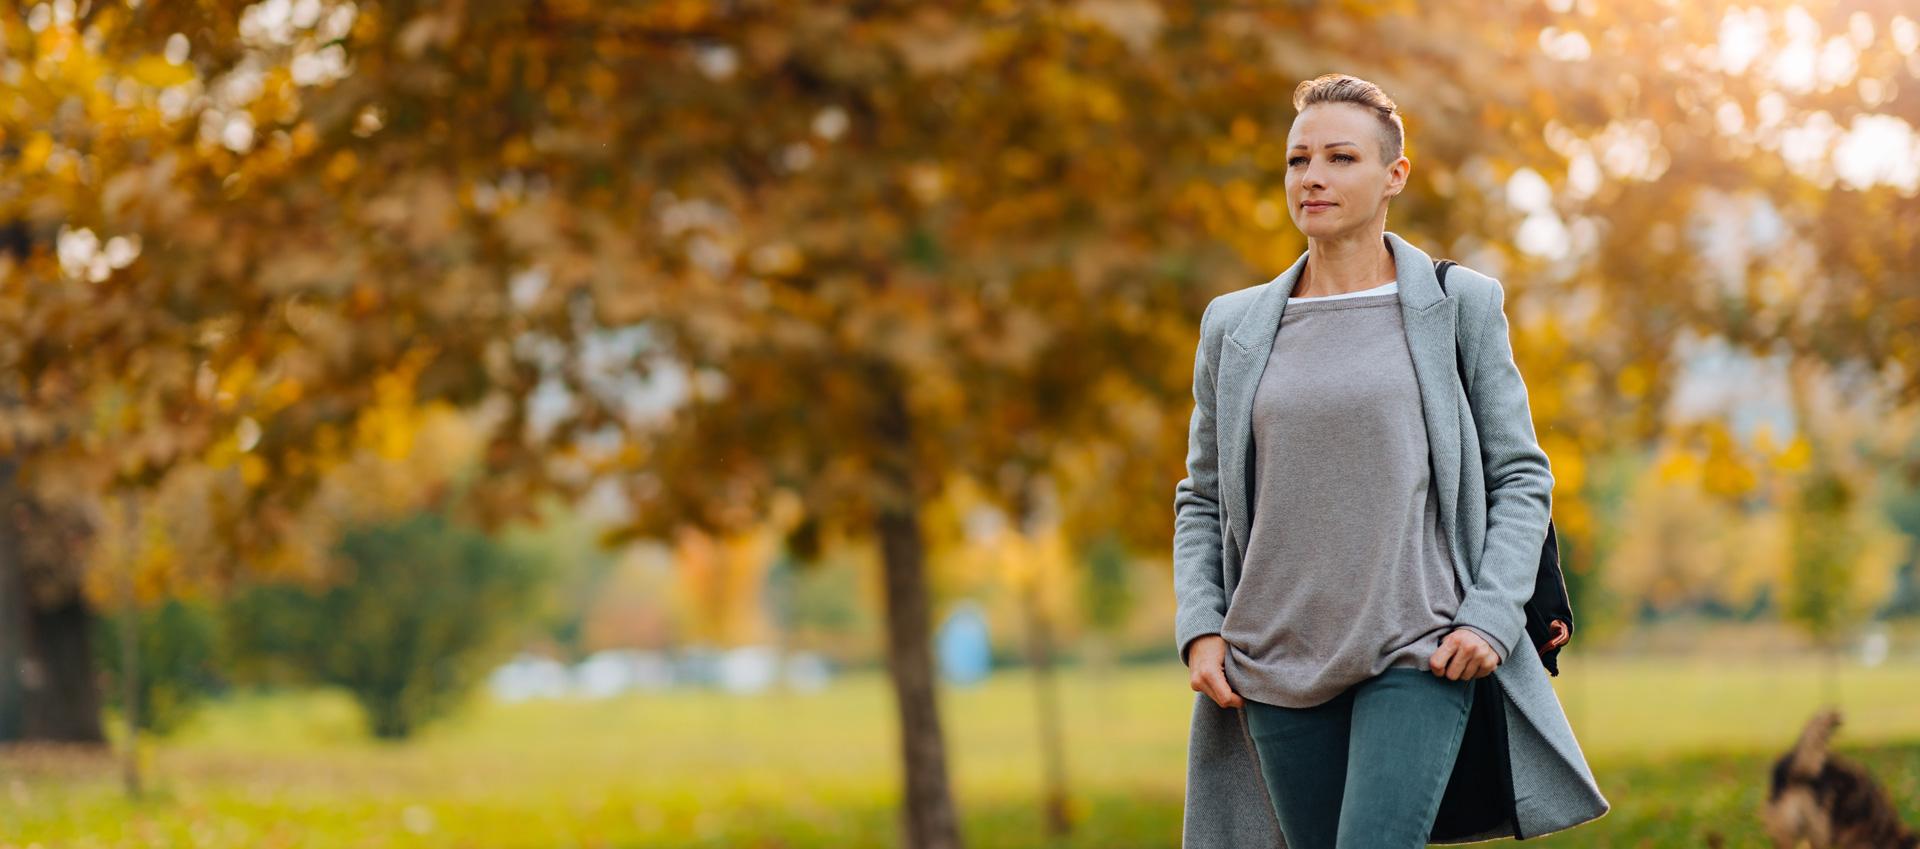 Herbst-Frau